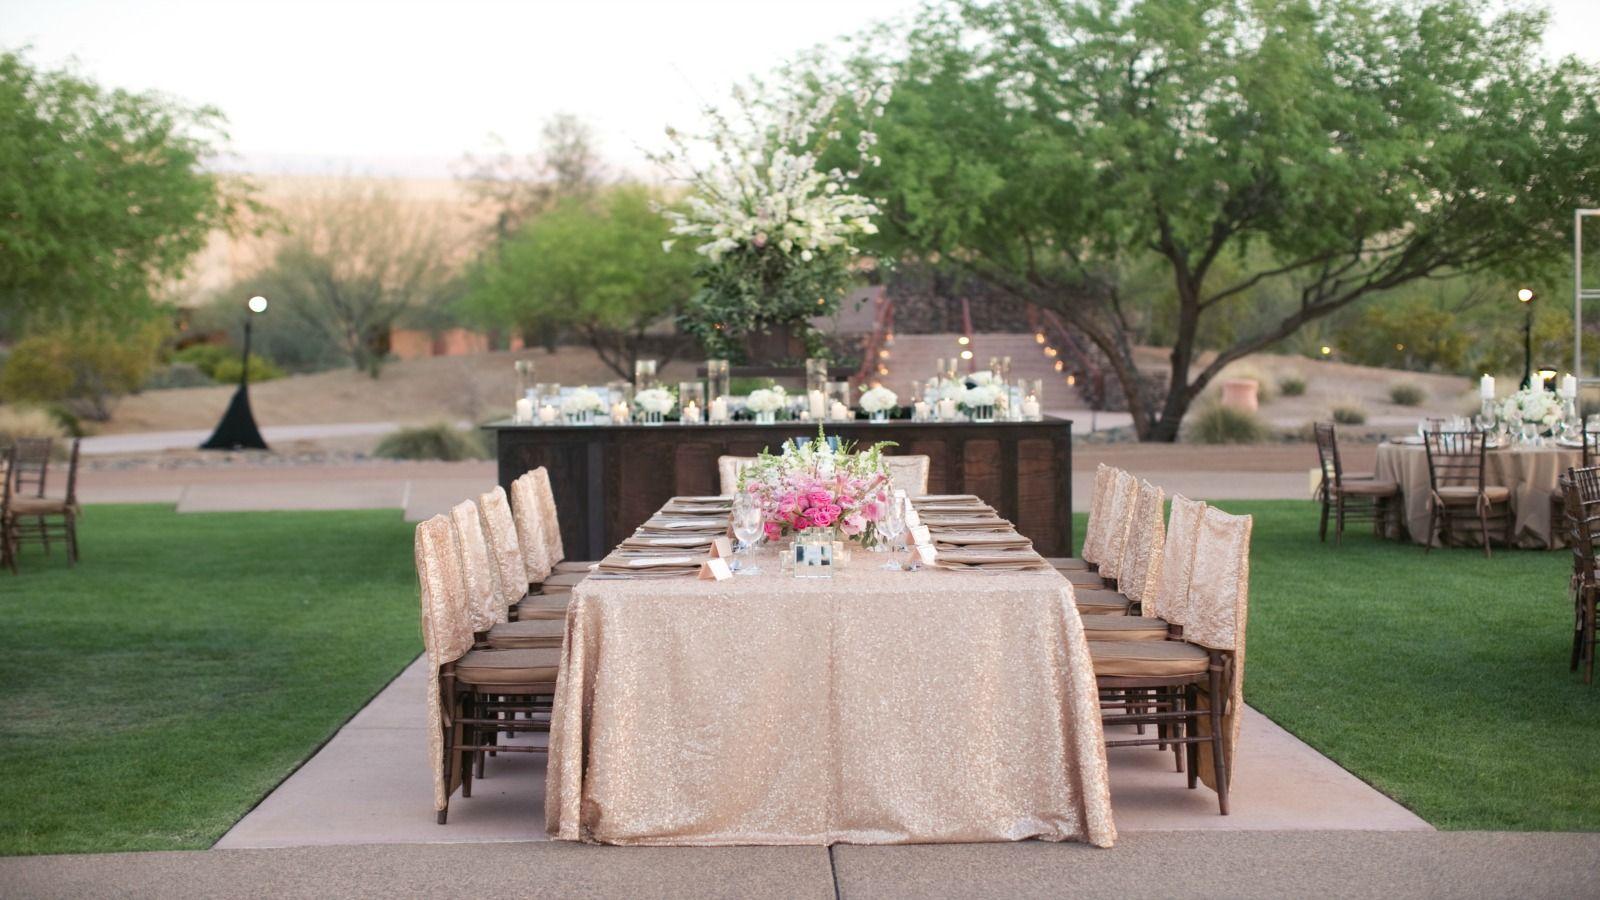 Phoenix Resort Wedding Venue Outdoor Space Wild Horse Pass